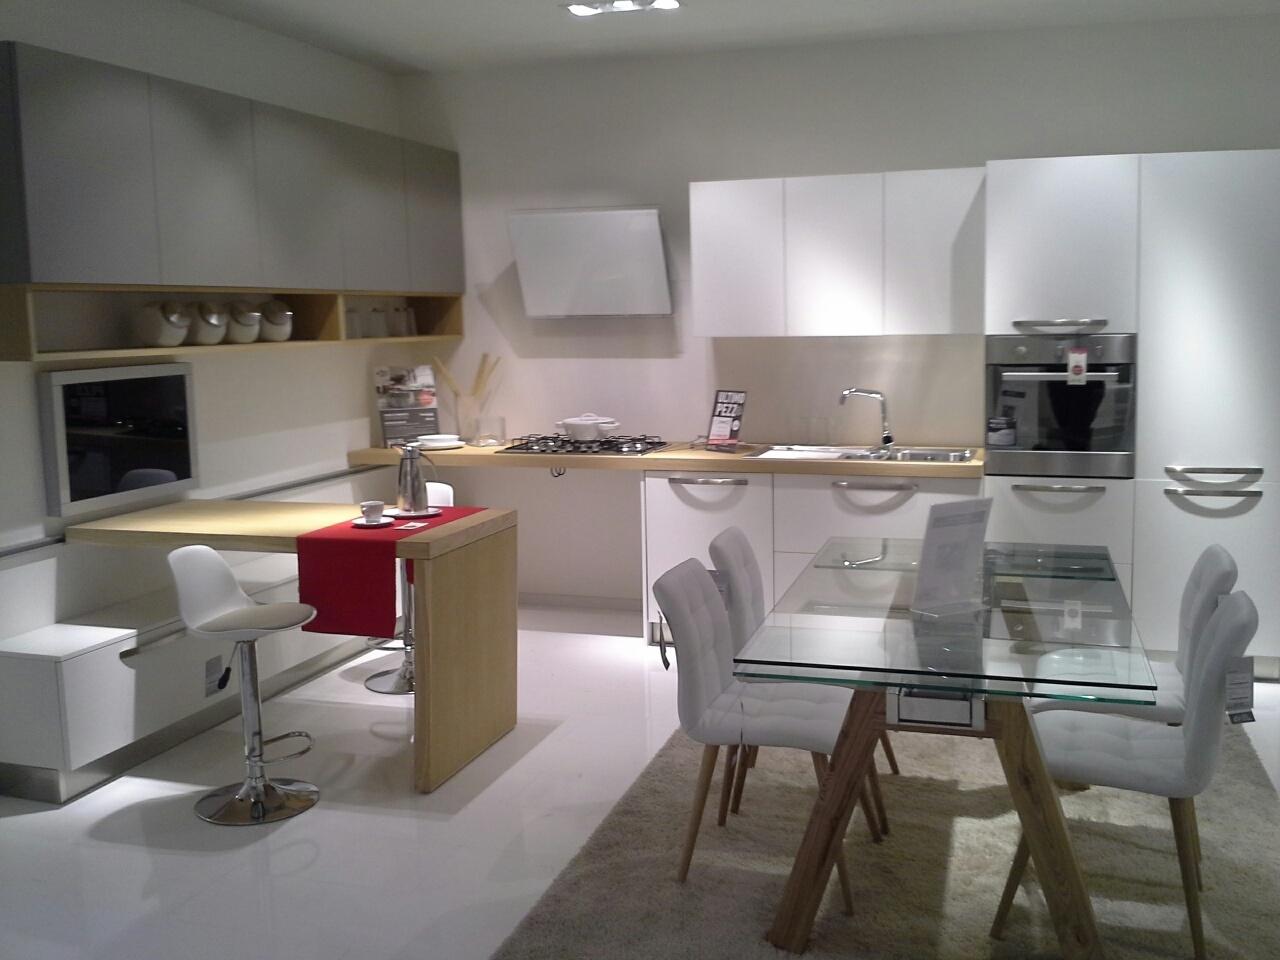 Cucina moderna con bancone scorrevole - Cucine a prezzi scontati